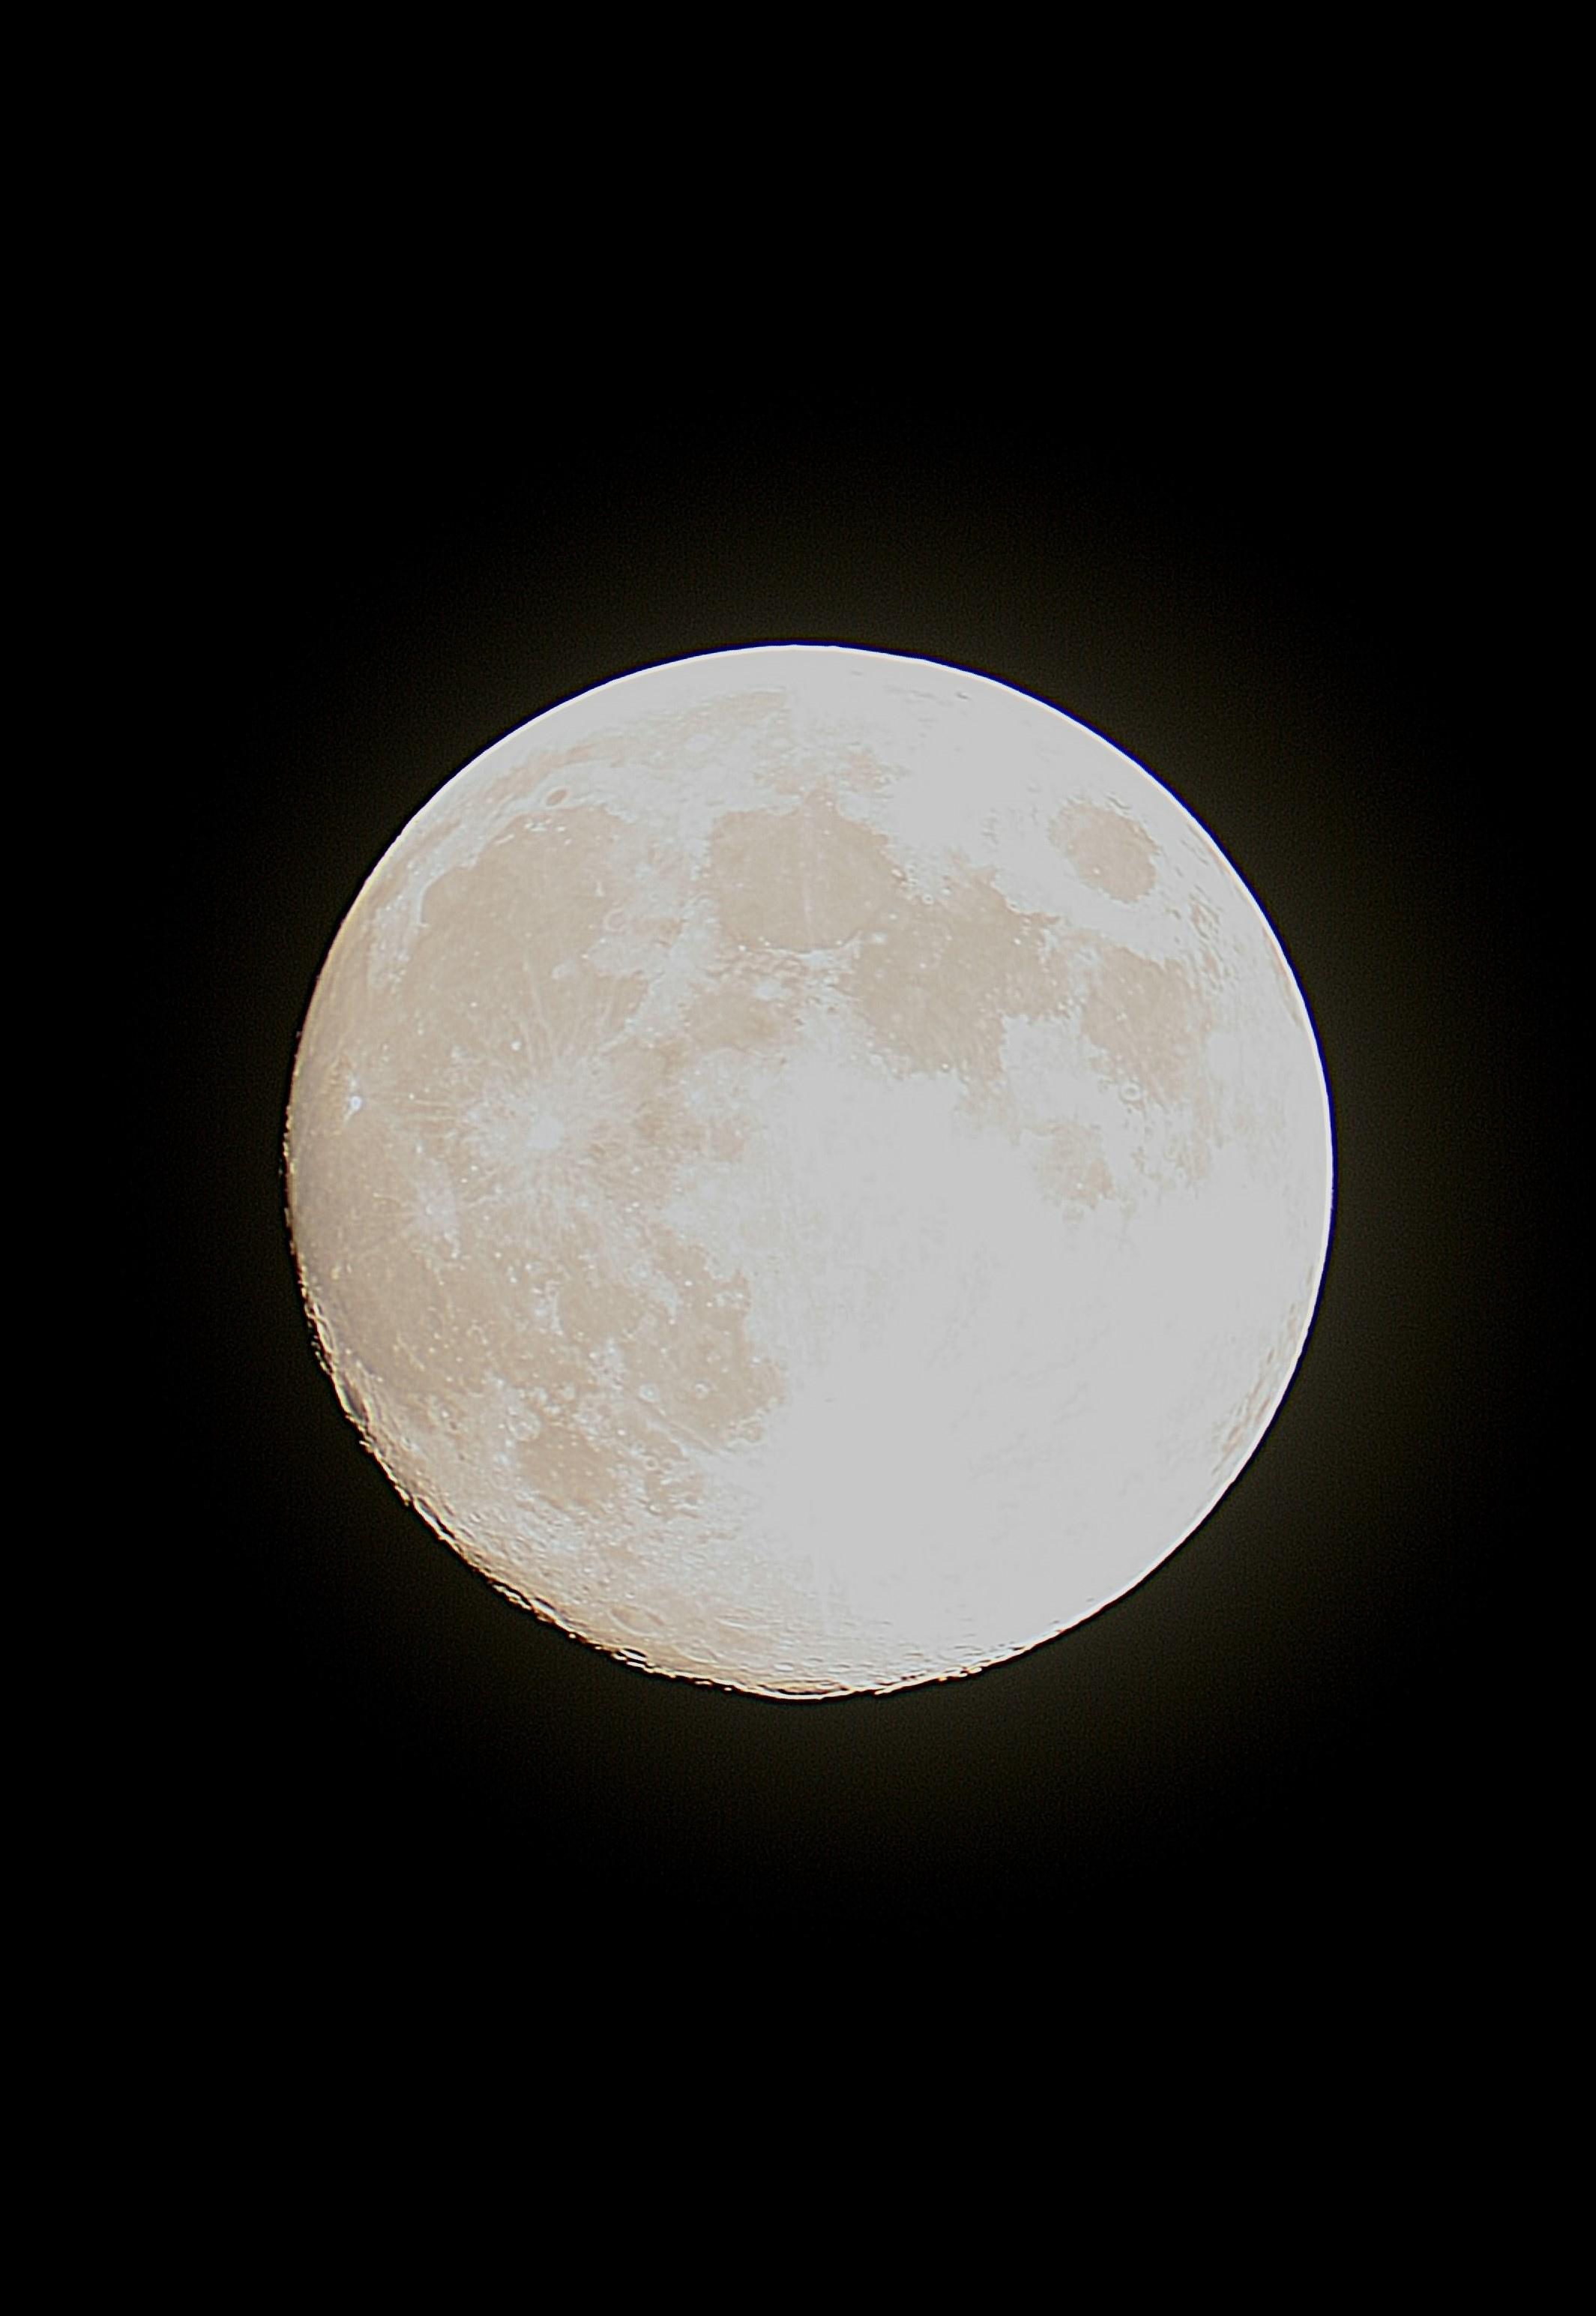 La Lune dans la nuit du 30 Avril 2018